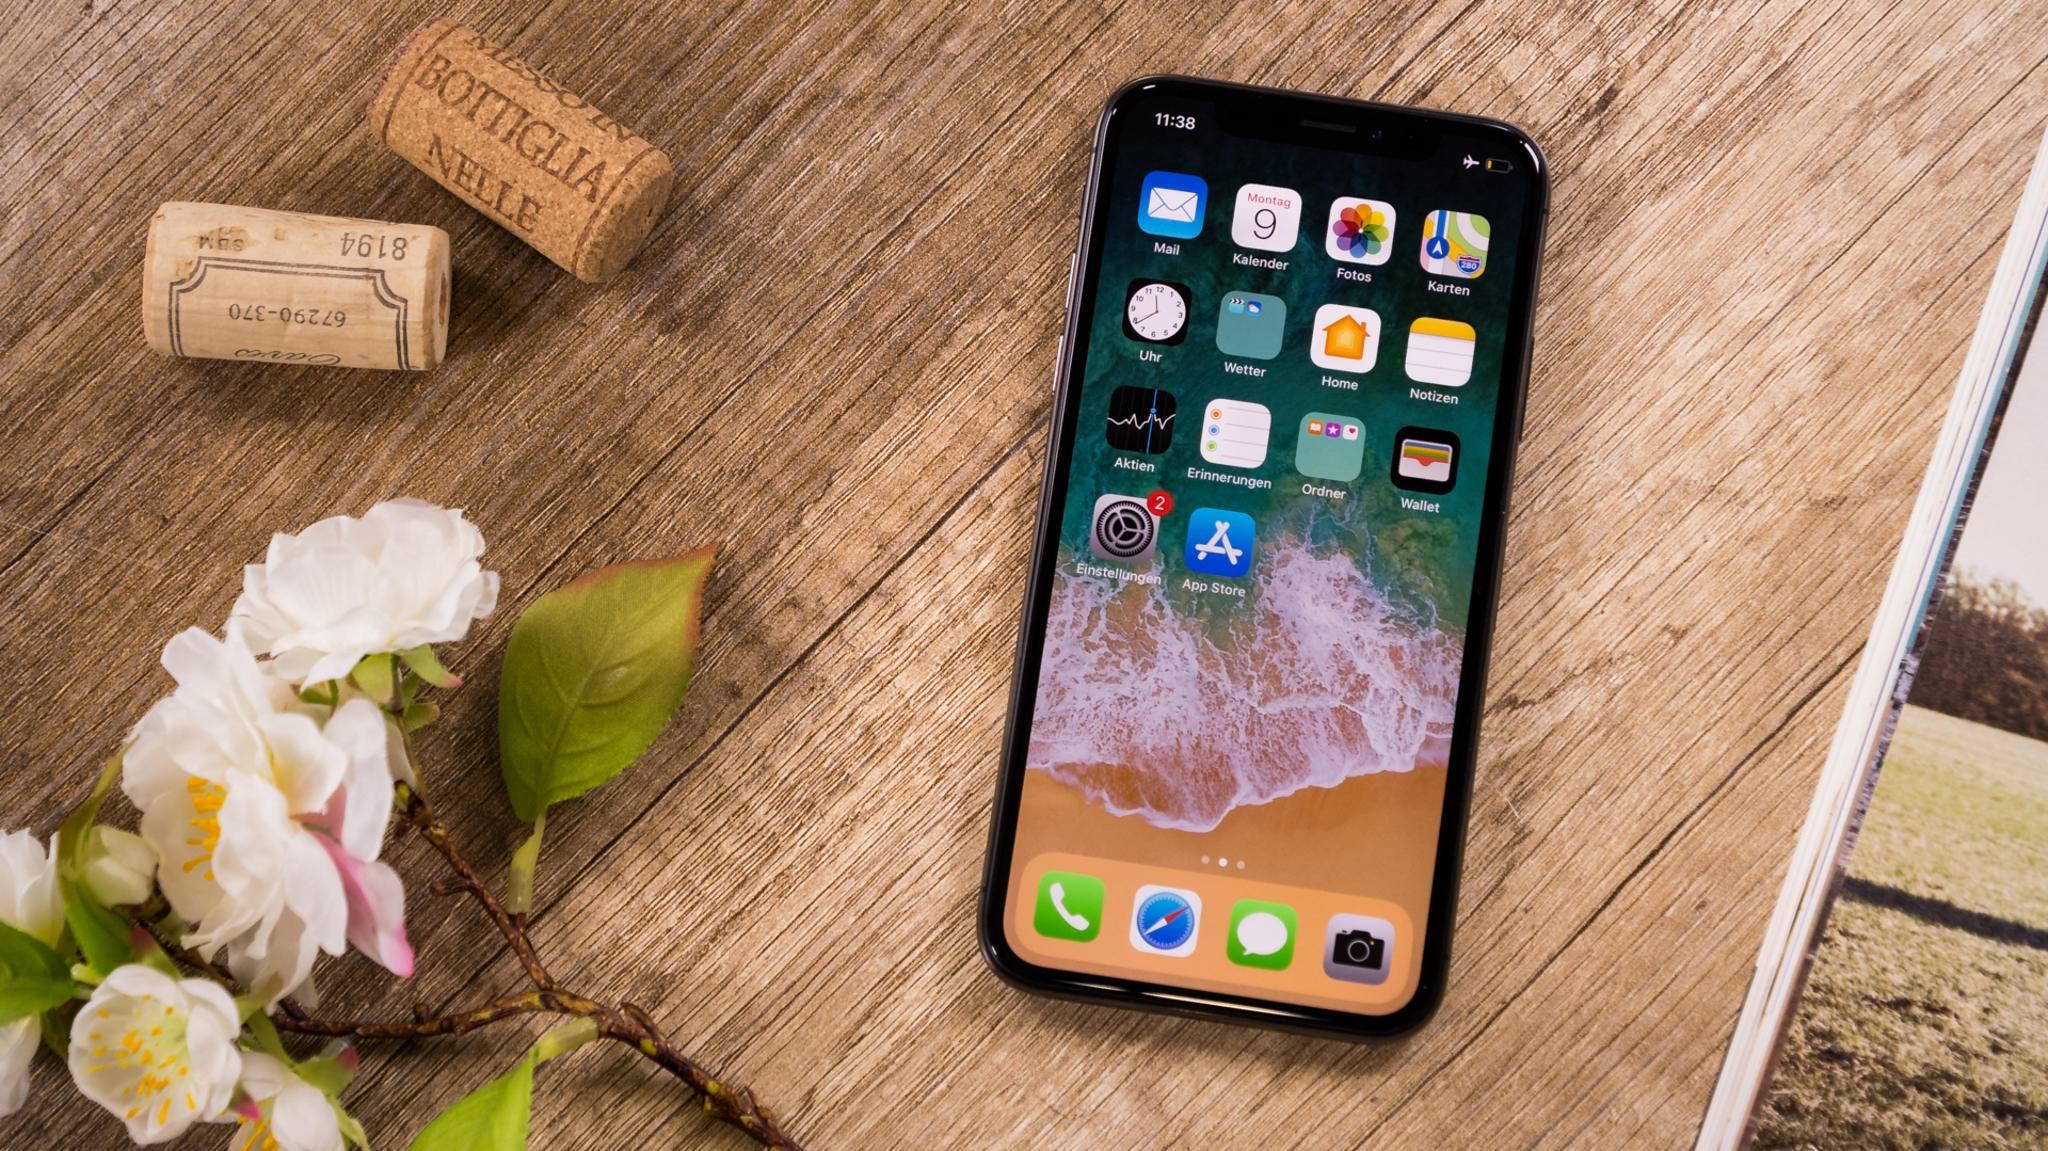 Apple muss unbedingt noch OLED-Displays von Samsung verbauen. Ist das iPhone X der richtige Kandidat dafür?